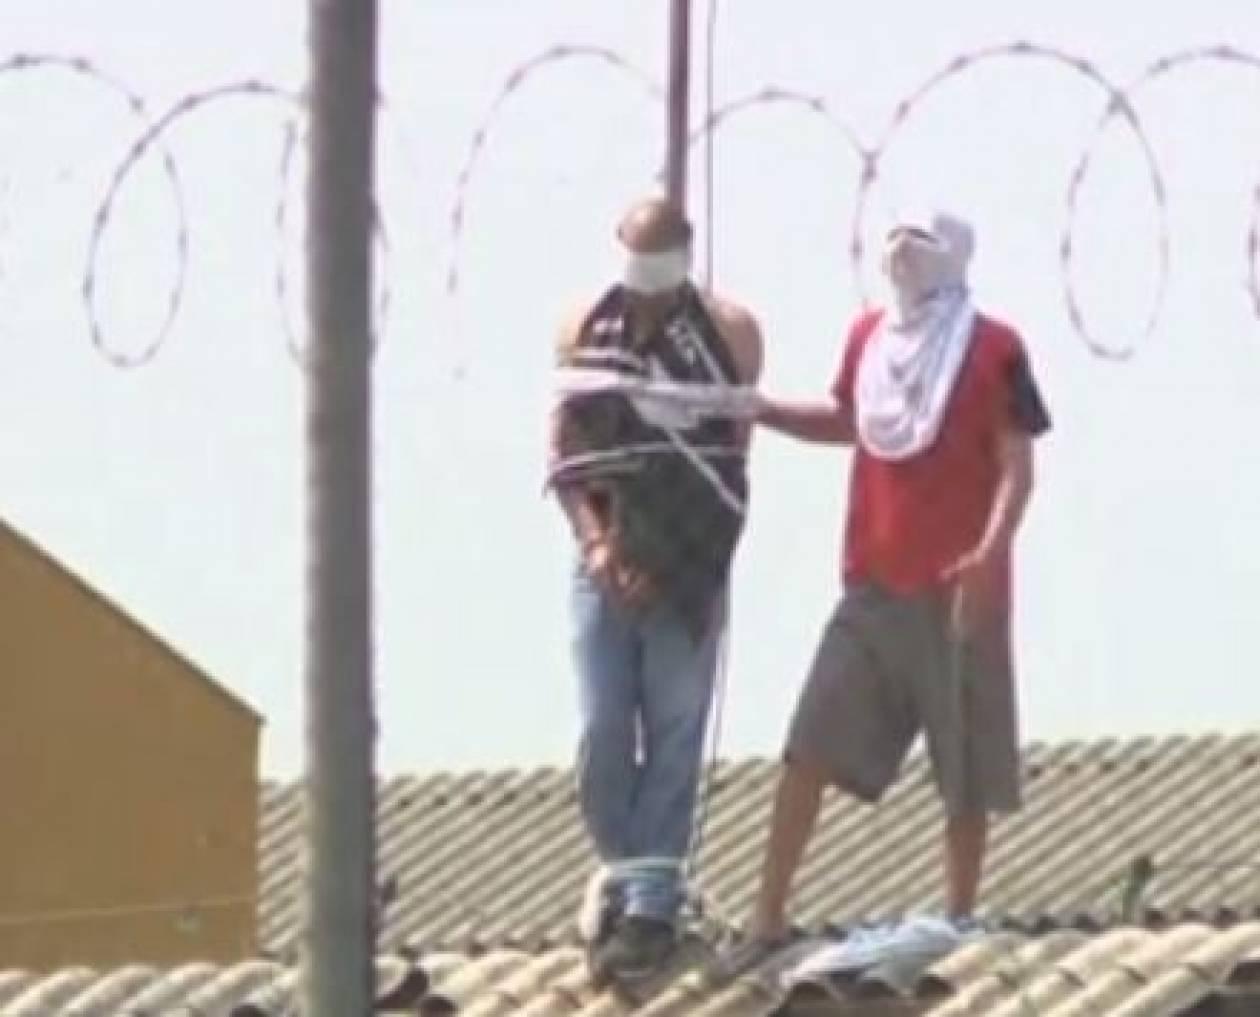 Βραζιλία: Βασανιστήρια σε σωφρονιστικούς υπαλλήλους (vid)